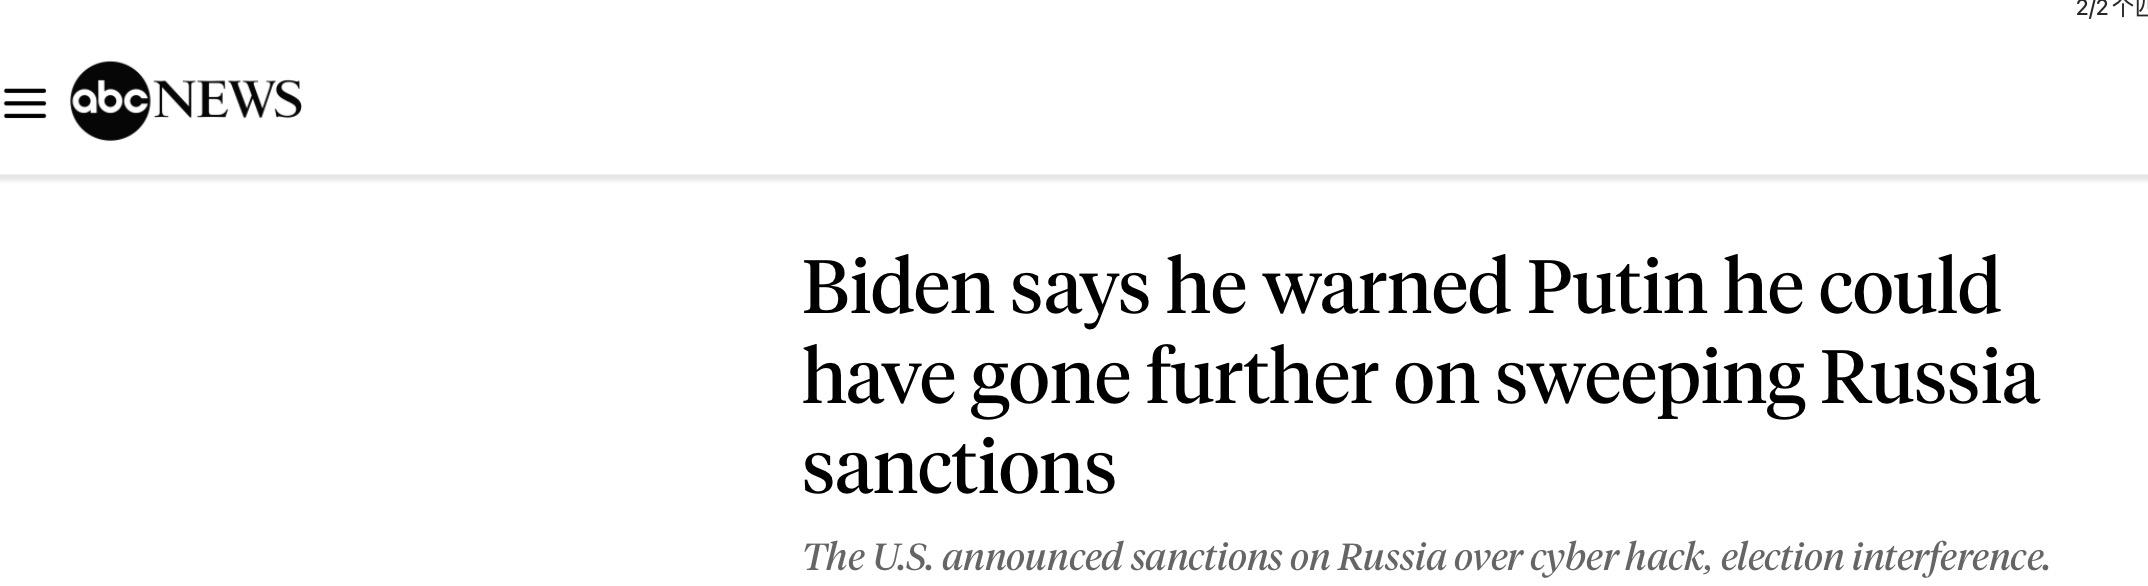 拜登:我明确告诉普京总统,对你们的制裁本可更进一步,但我没有